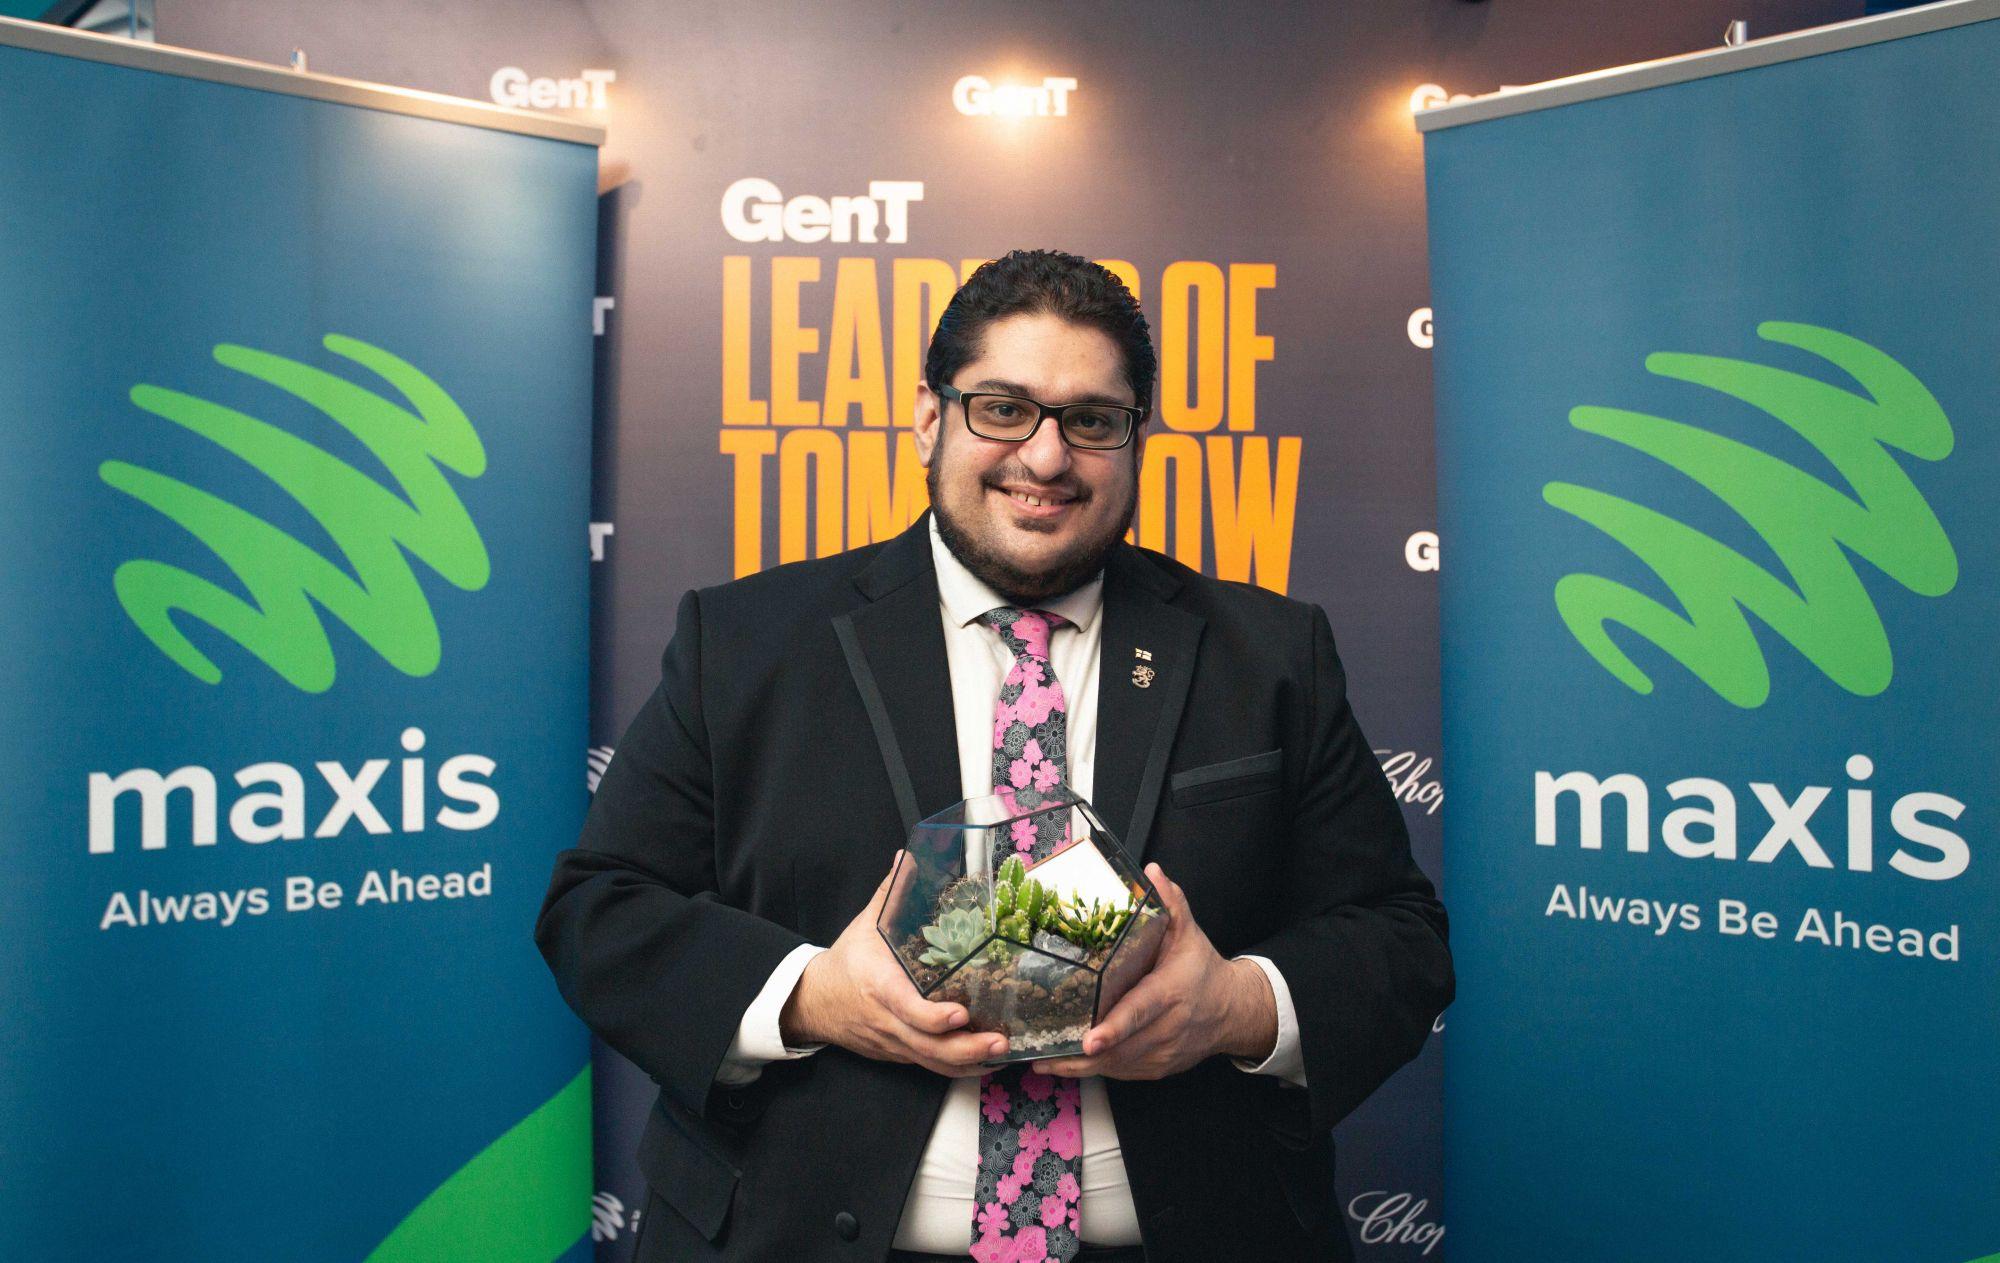 Maxis Awards winner Mohamed Tarek El-Fatatry